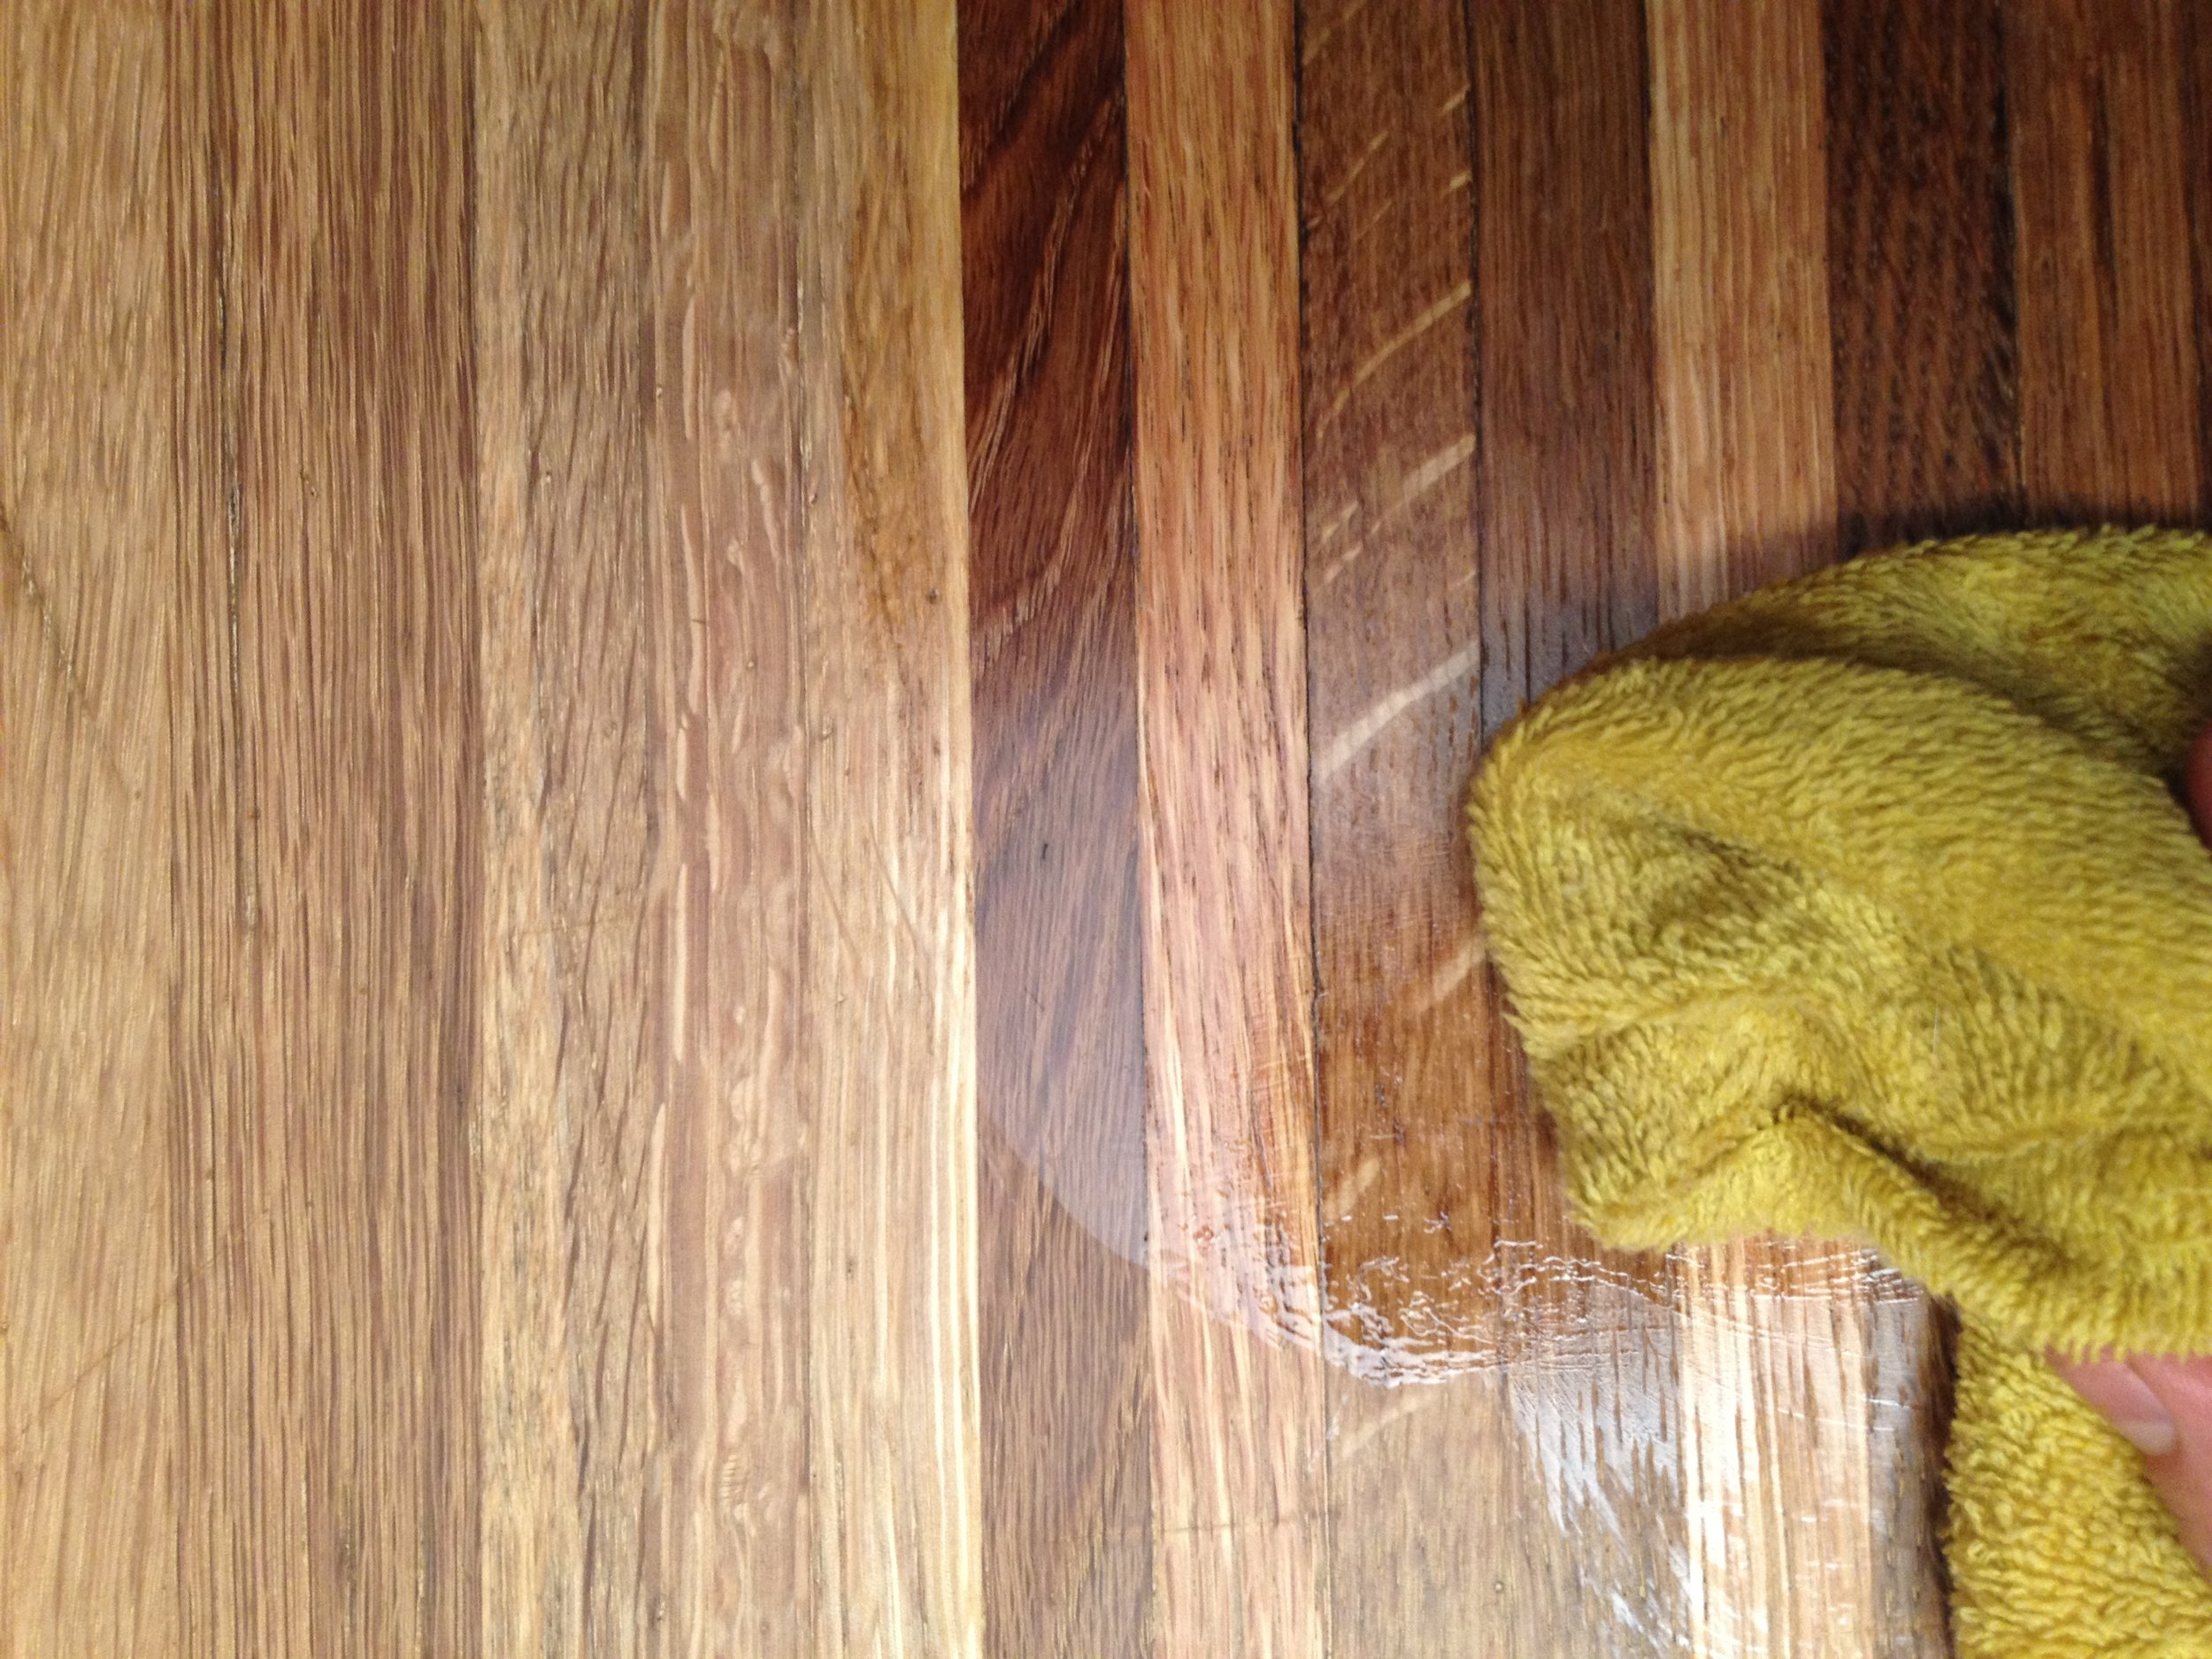 cutting-board-restoration-oiling-1.jpg